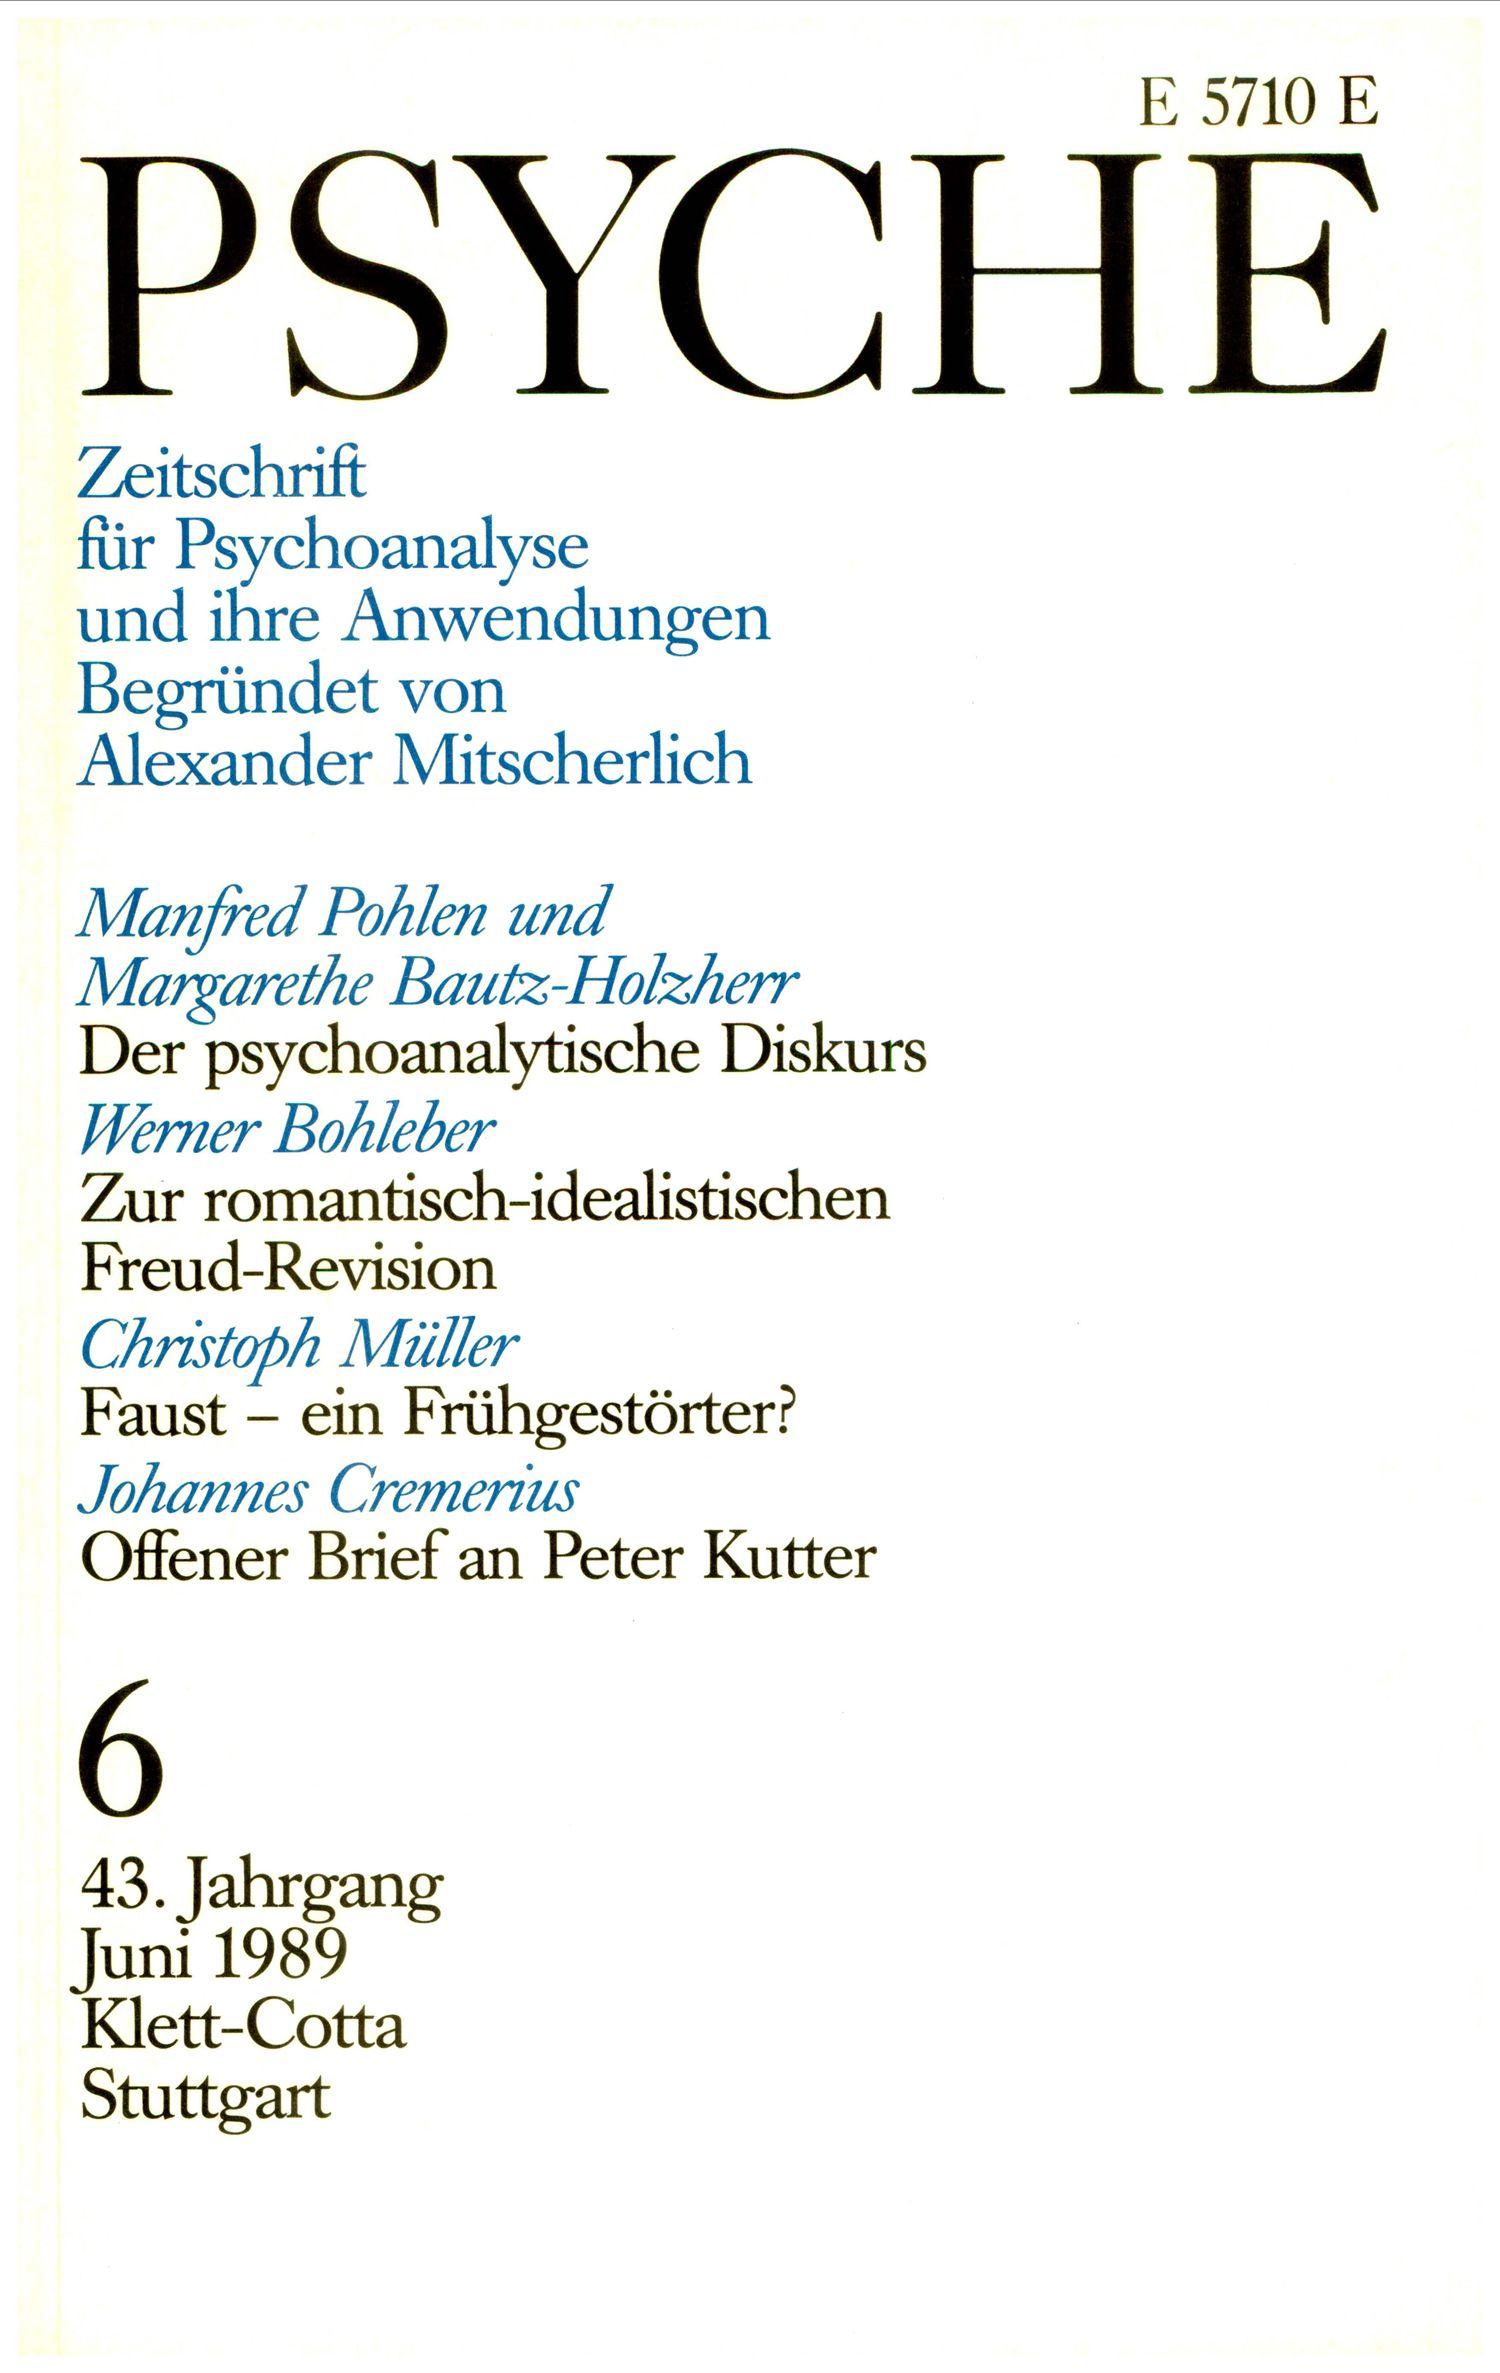 Abwehrmechanismen Freud Beispiele der psychoanalytische diskurs. das freudsche subjekt in der